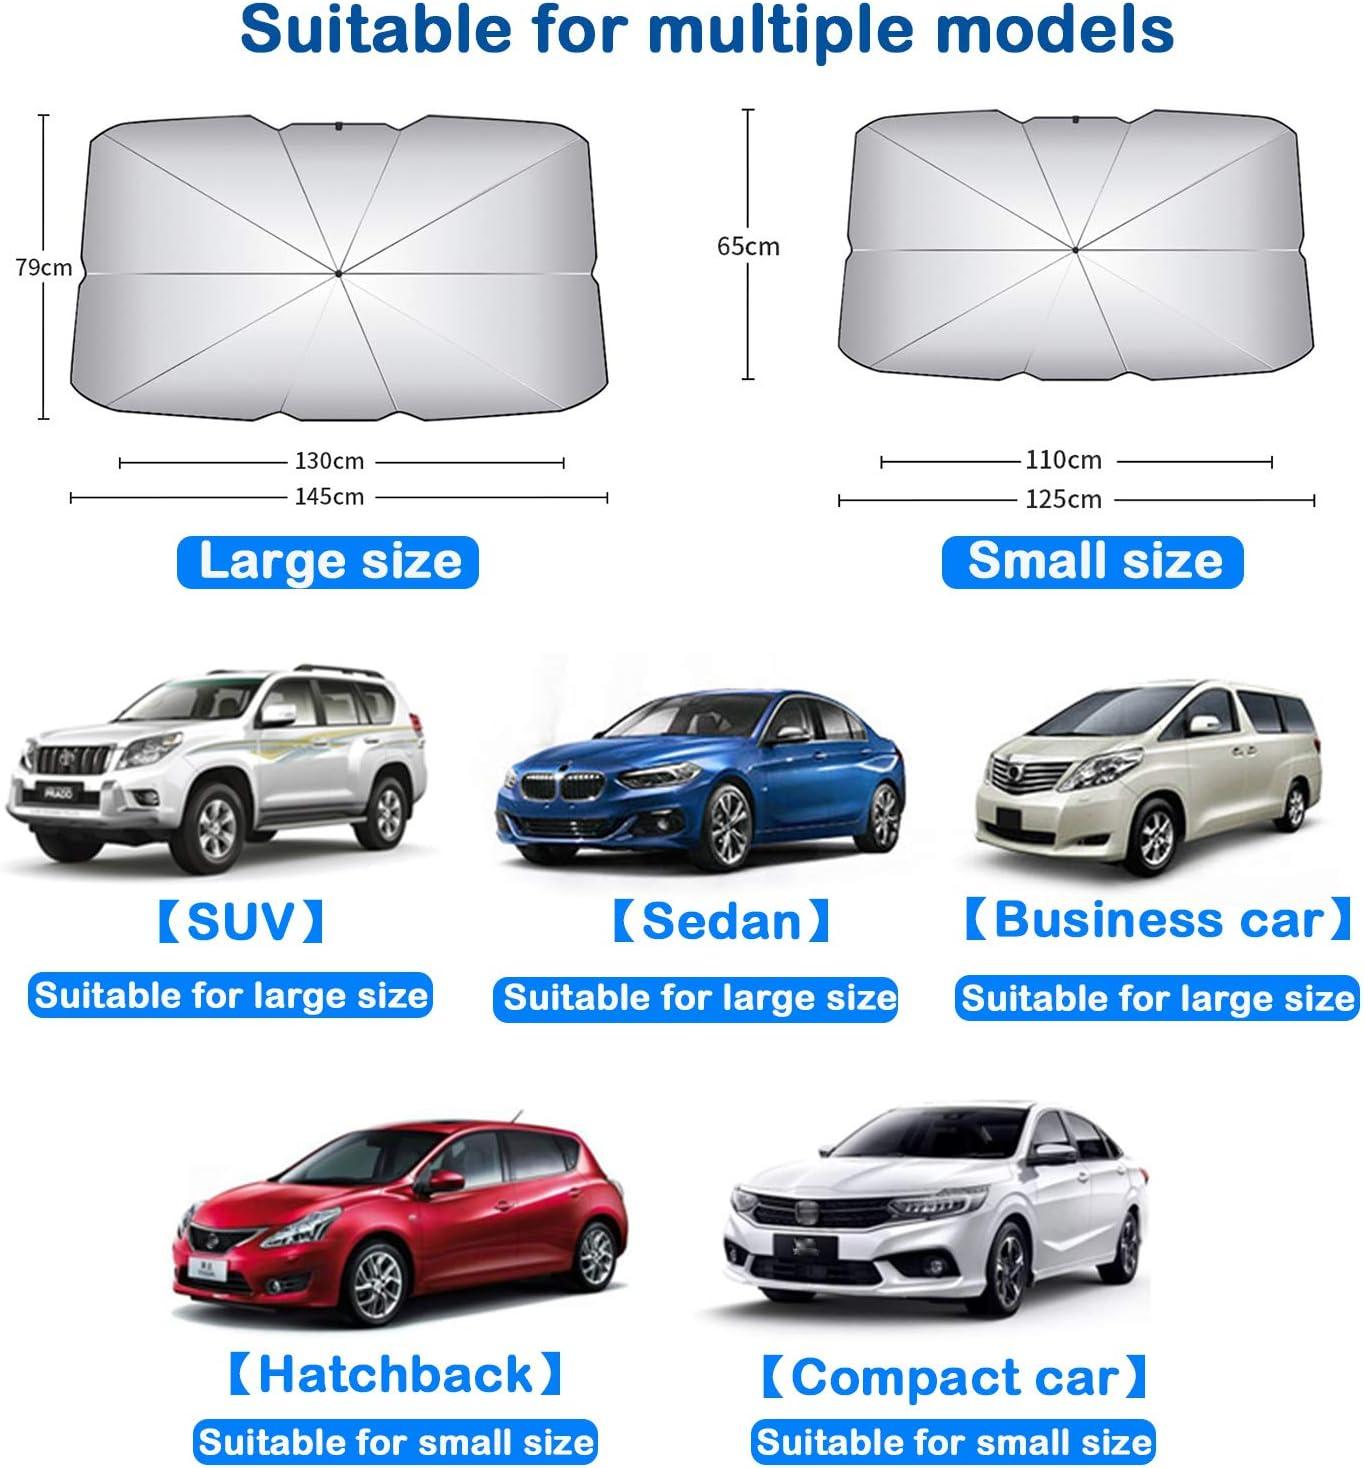 Monuary Auto Sonnenschutz Frontscheibe um Ihr Fahrzeug k/ühl zu halten Passend f/ür die meisten Fahrzeugmodelle Sperrt UV-Strahlen Faltbarer Auto-Sonnenschutz f/ür das Auto-Frontfenster 125 x 65 cm